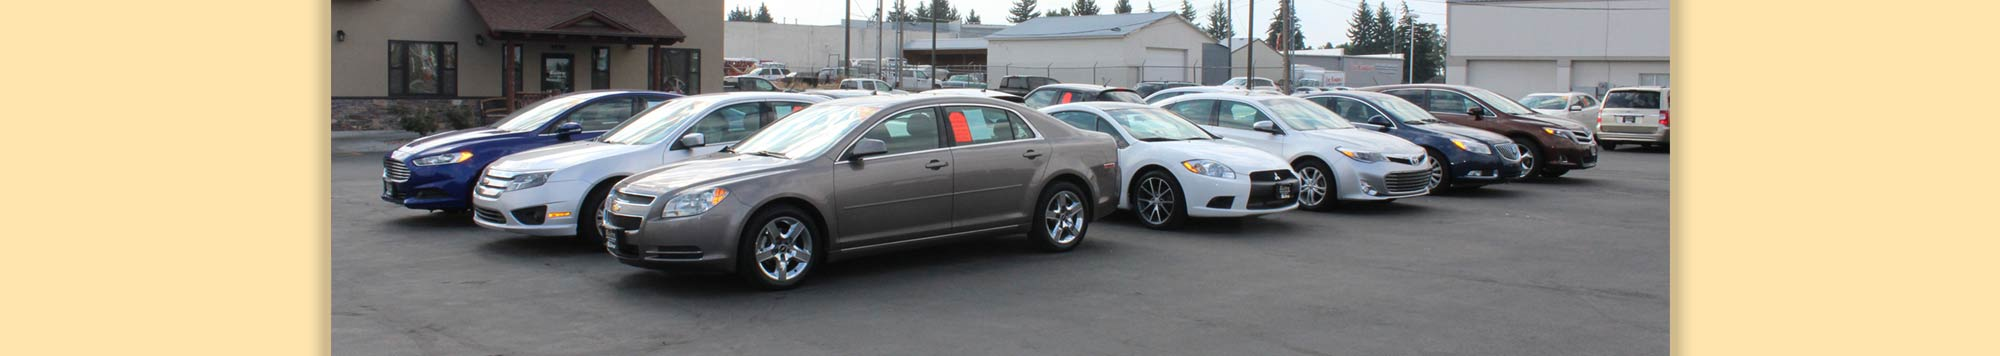 Elite Auto Sales - Used Cars - Idaho Falls ID Dealer